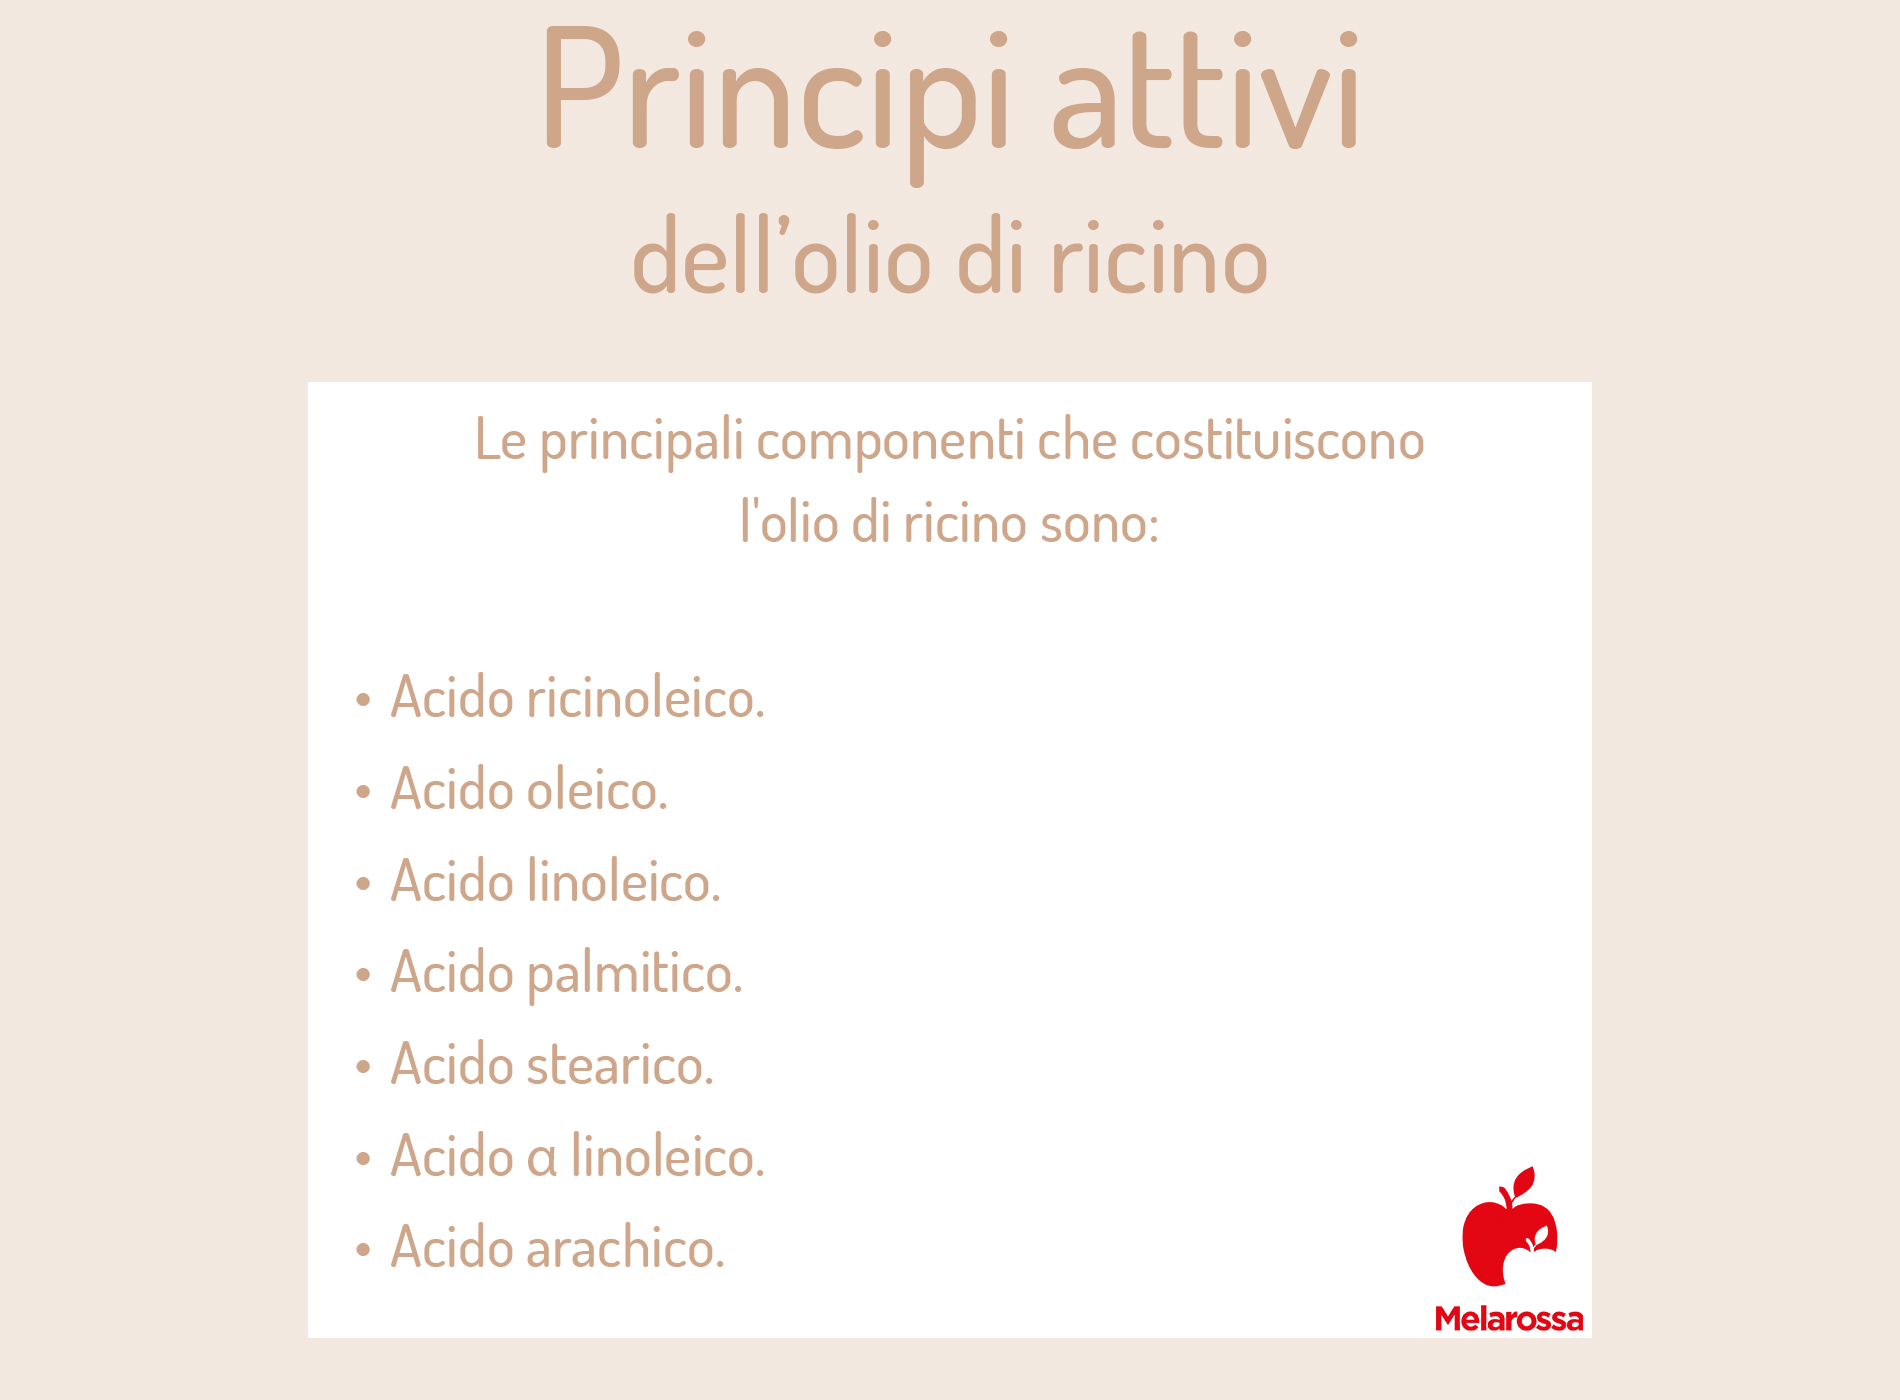 olio di ricino: principi attivi